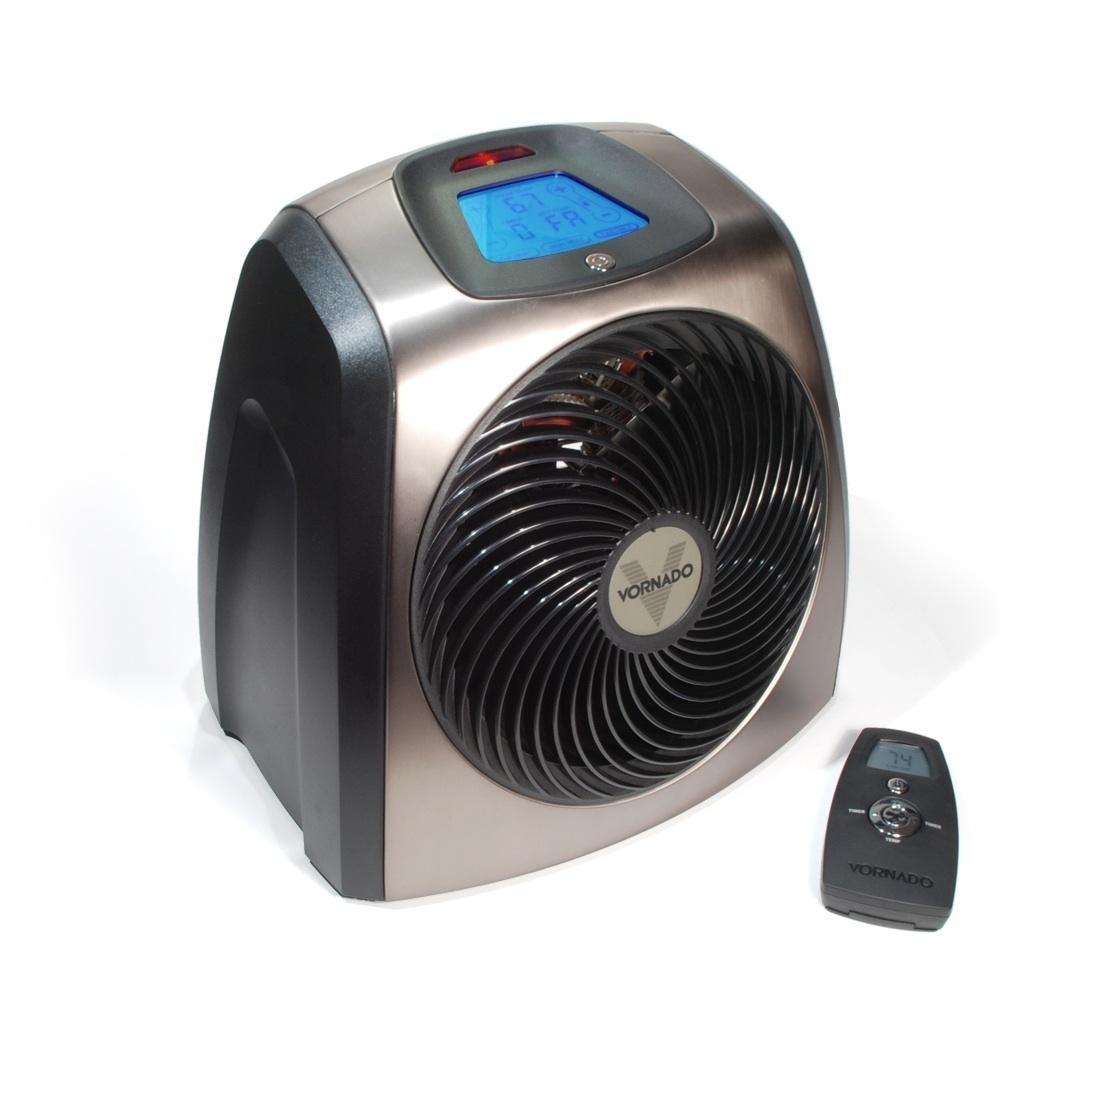 Vornado Vortex Heater